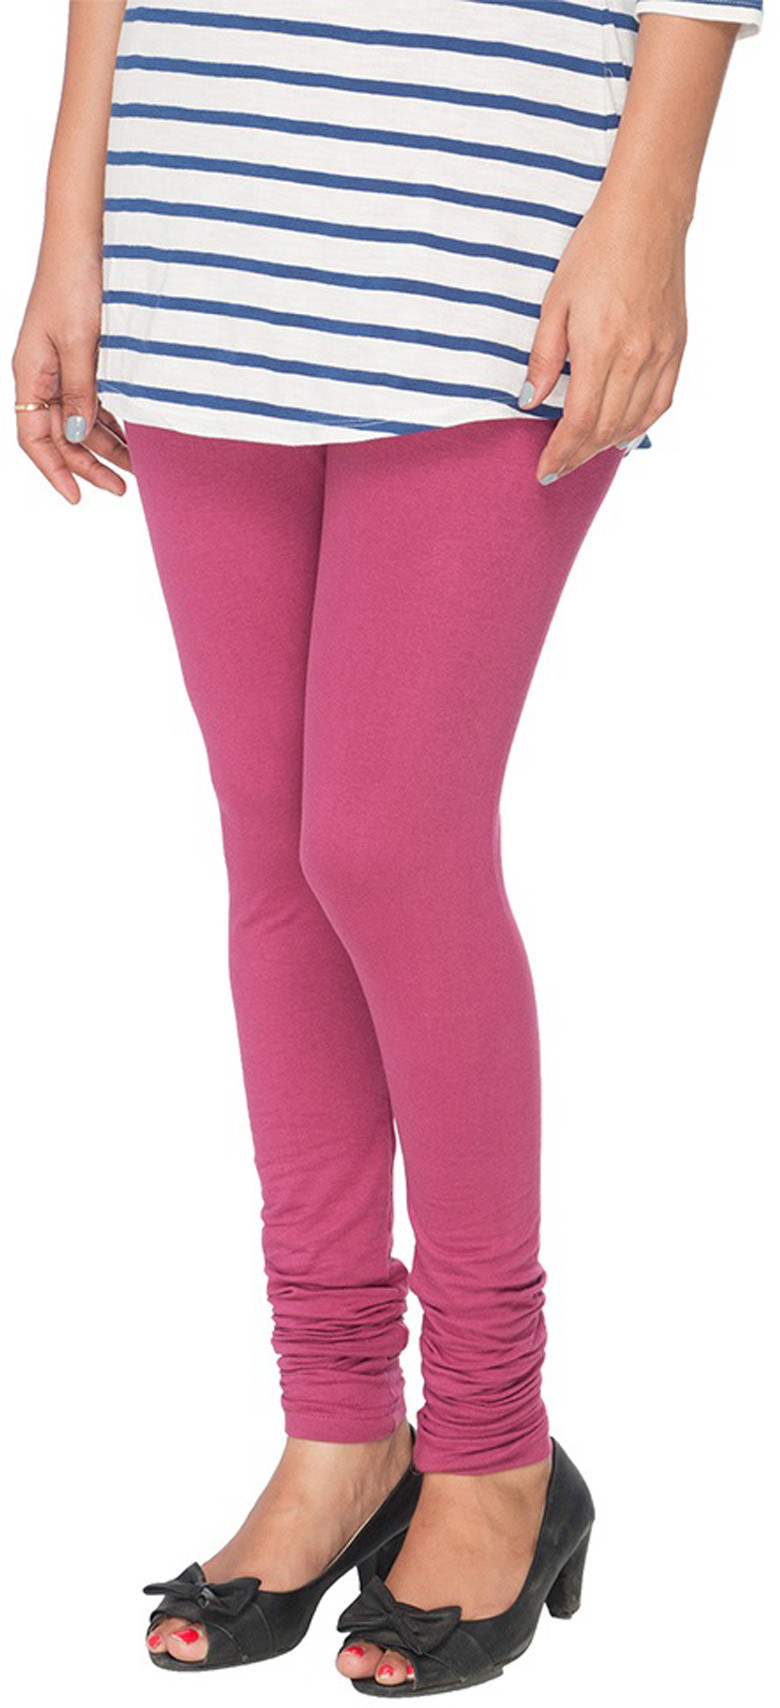 Panno Womens Pink Leggings